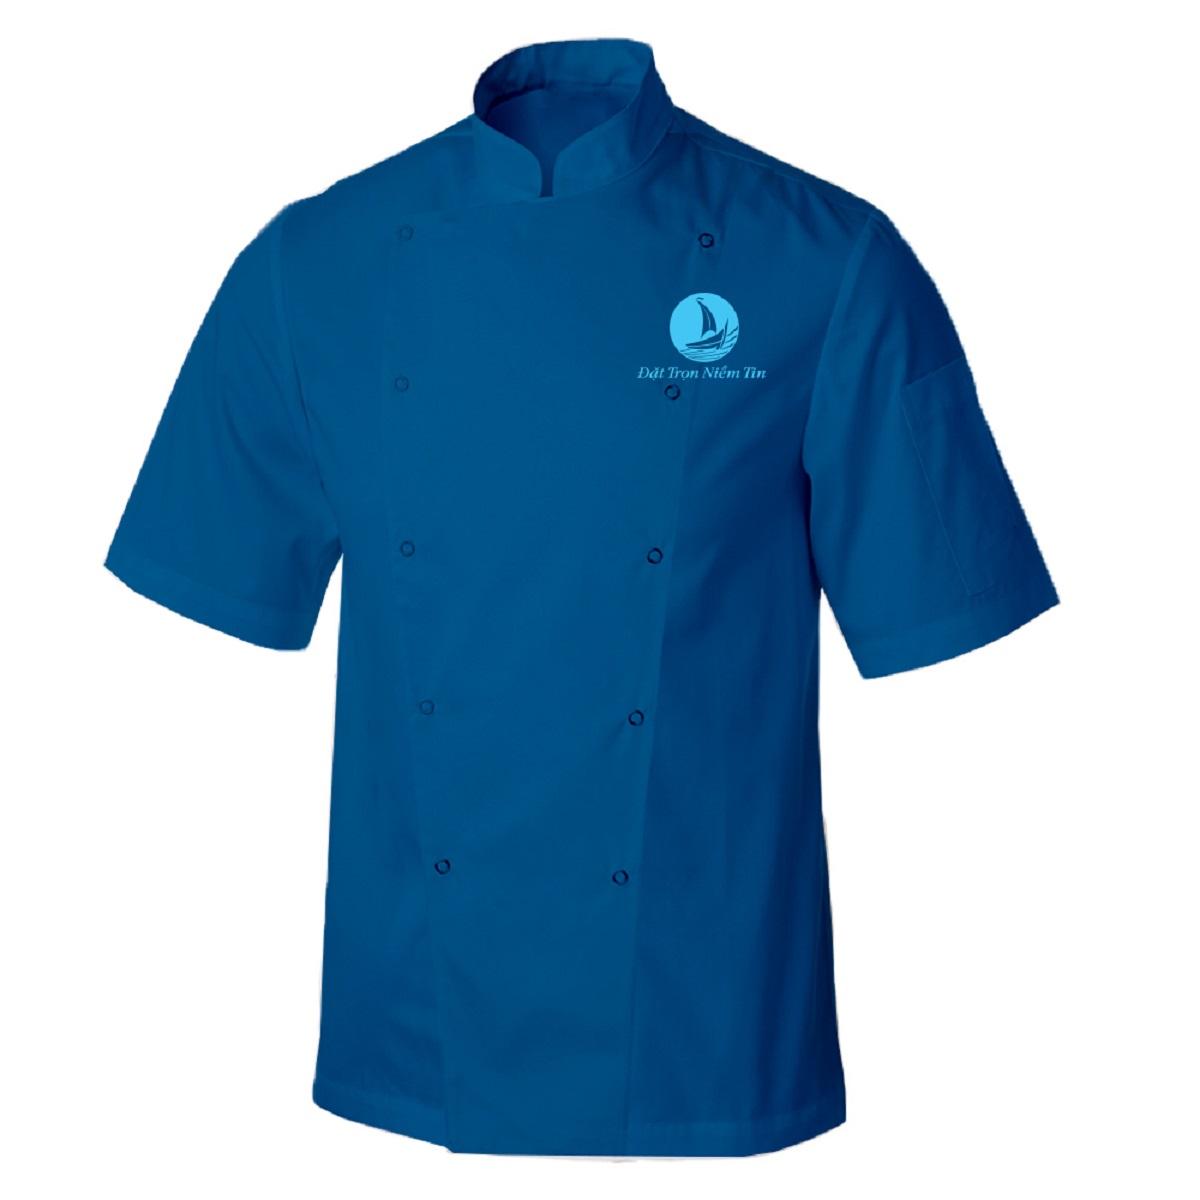 Mẫu áo đồng phục cổ tàu, 2 hàng khuy chéo cộc tay và điểm nhẫn là túi áo nằm ở vị trí bắp tay